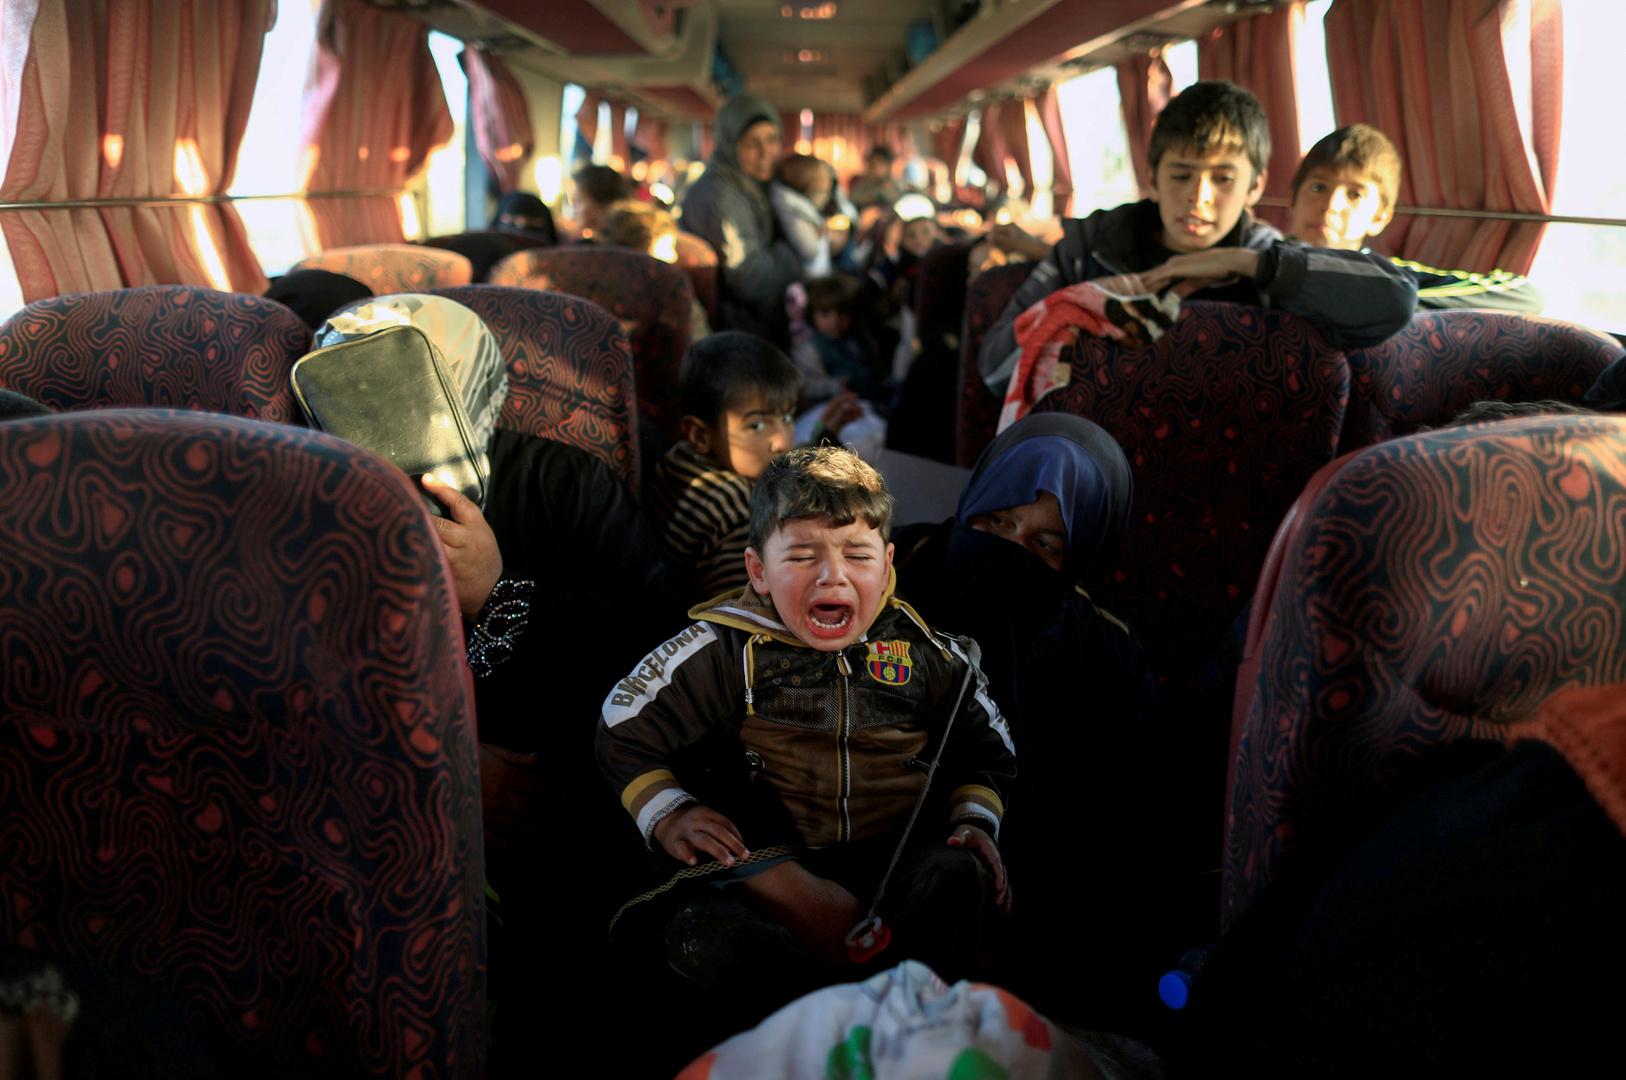 العراق.. الزرفي يسلم برنامجه الحكومي ويعلن عن إرسال كابينته للبرلمان قريبا